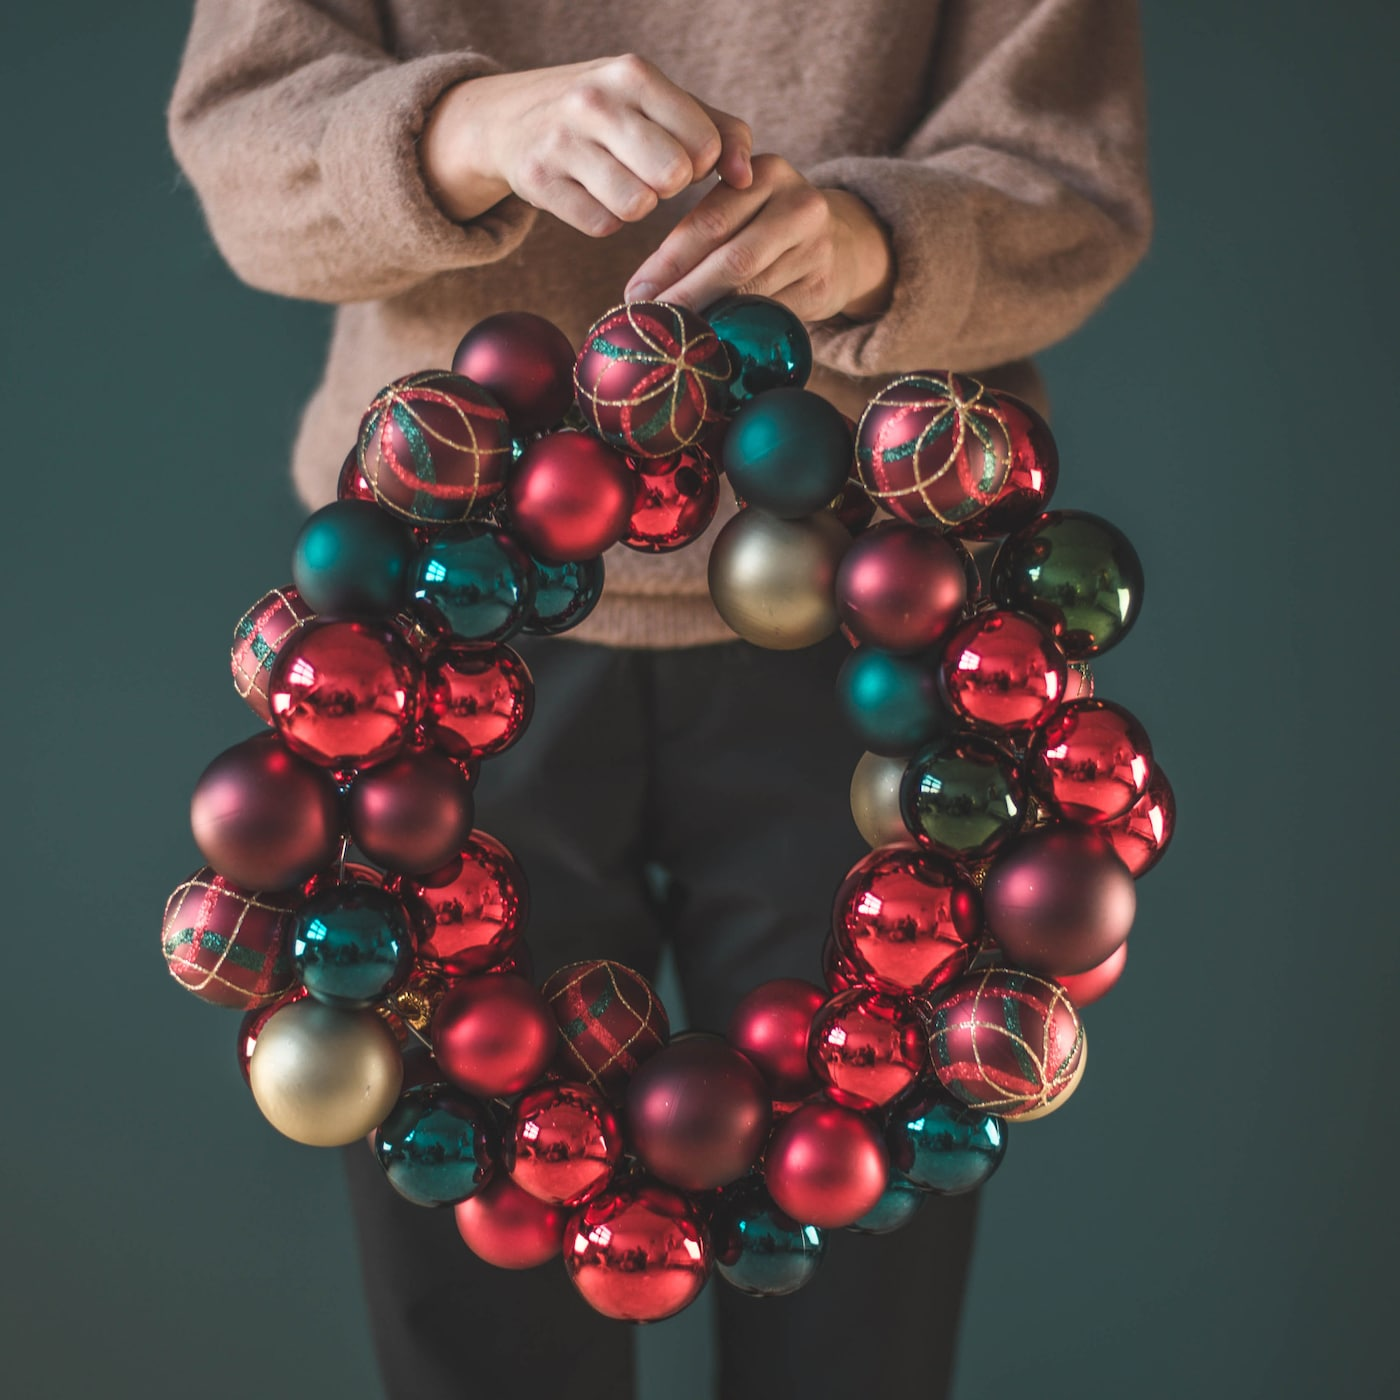 IKEA DIY krans med julgranskulor.